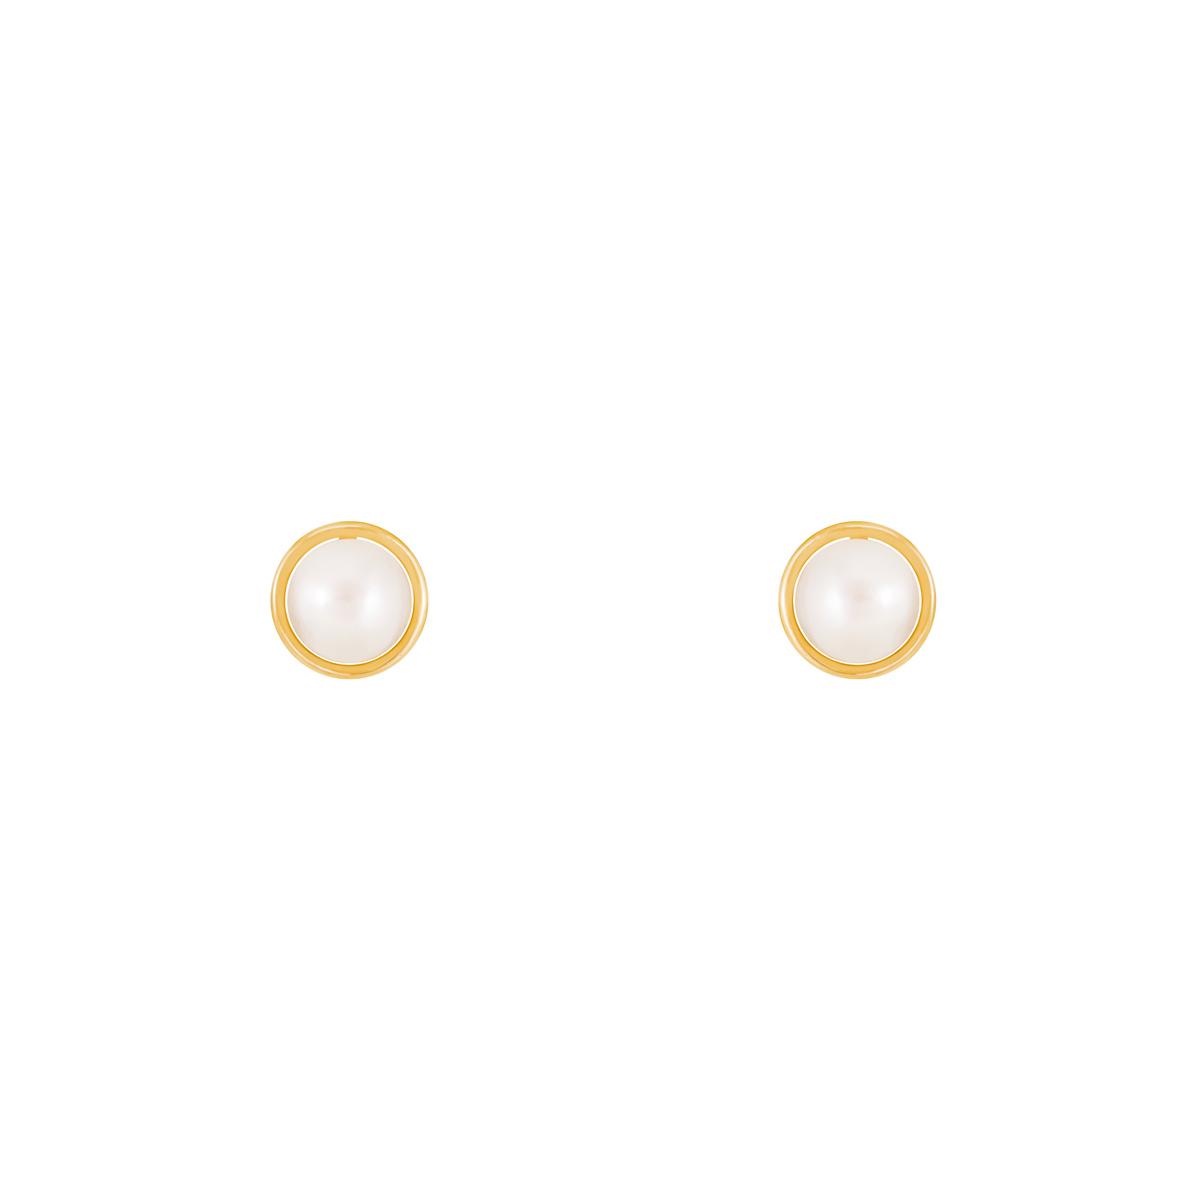 گوشواره طلا دایره و مروارید